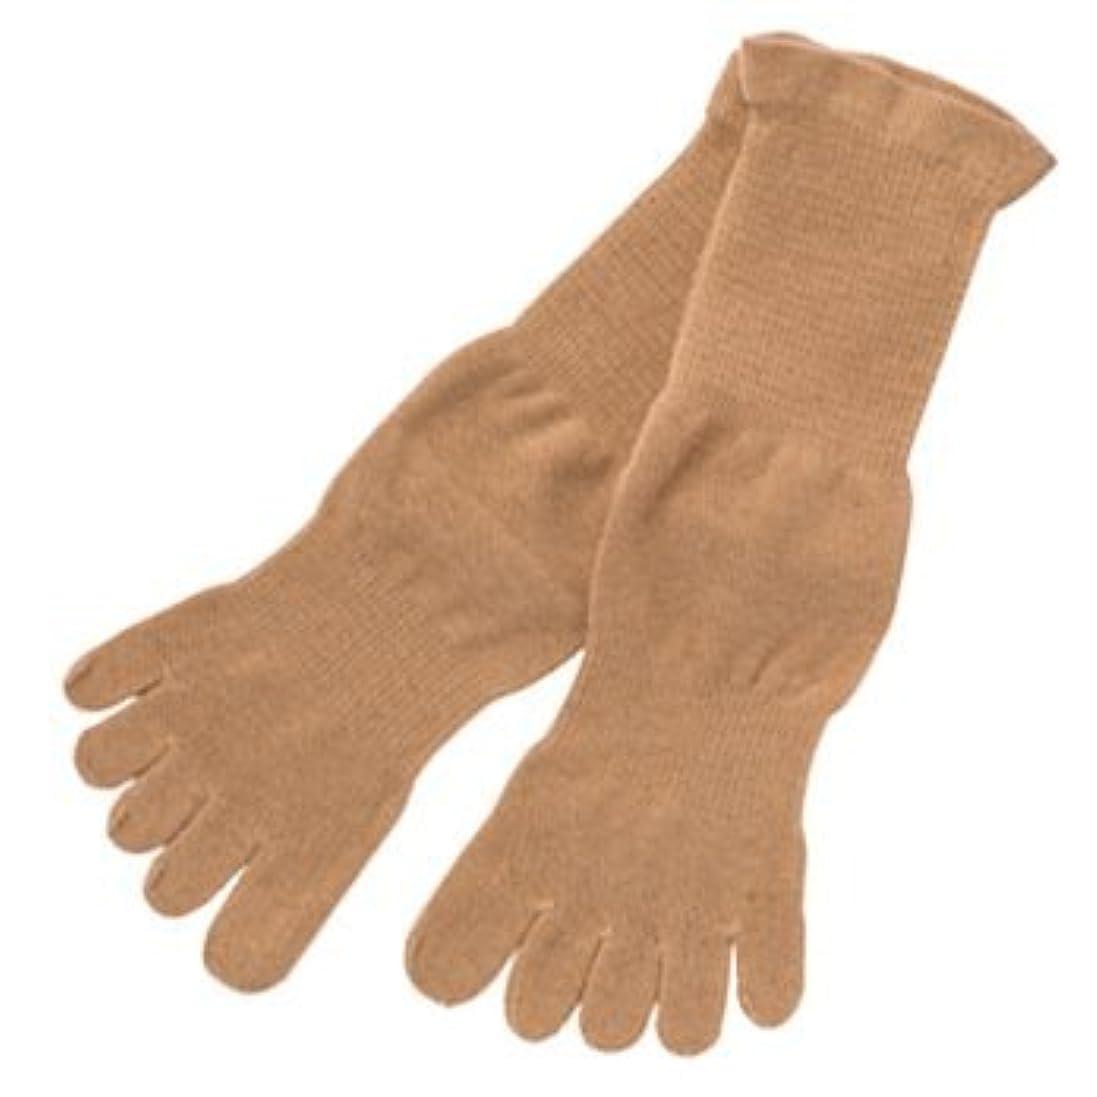 要旨アクションボルト五本指薄手ソックスMブラウン:オーガニックコットン100% 履くだけで足のつぼをマッサージし、健康に良いソックスです!